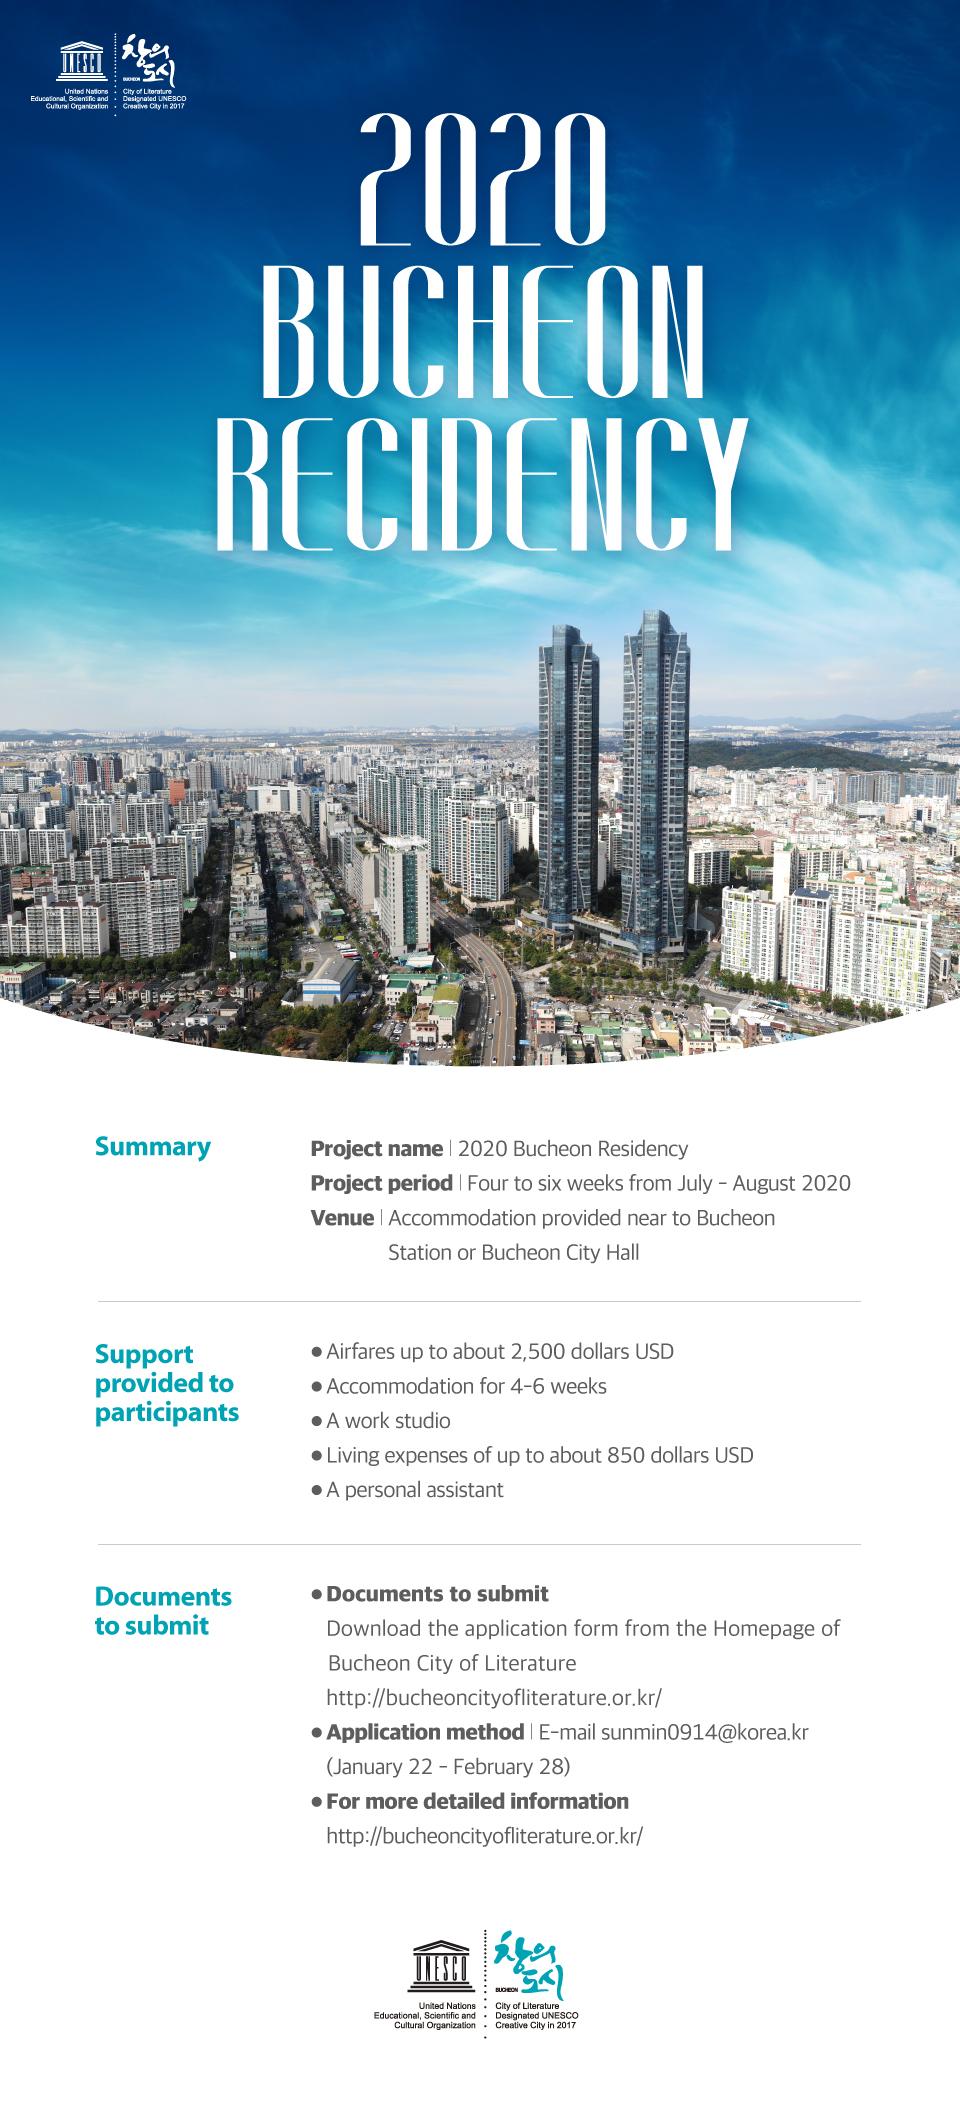 IMAGE – Bucheon Residency 2020